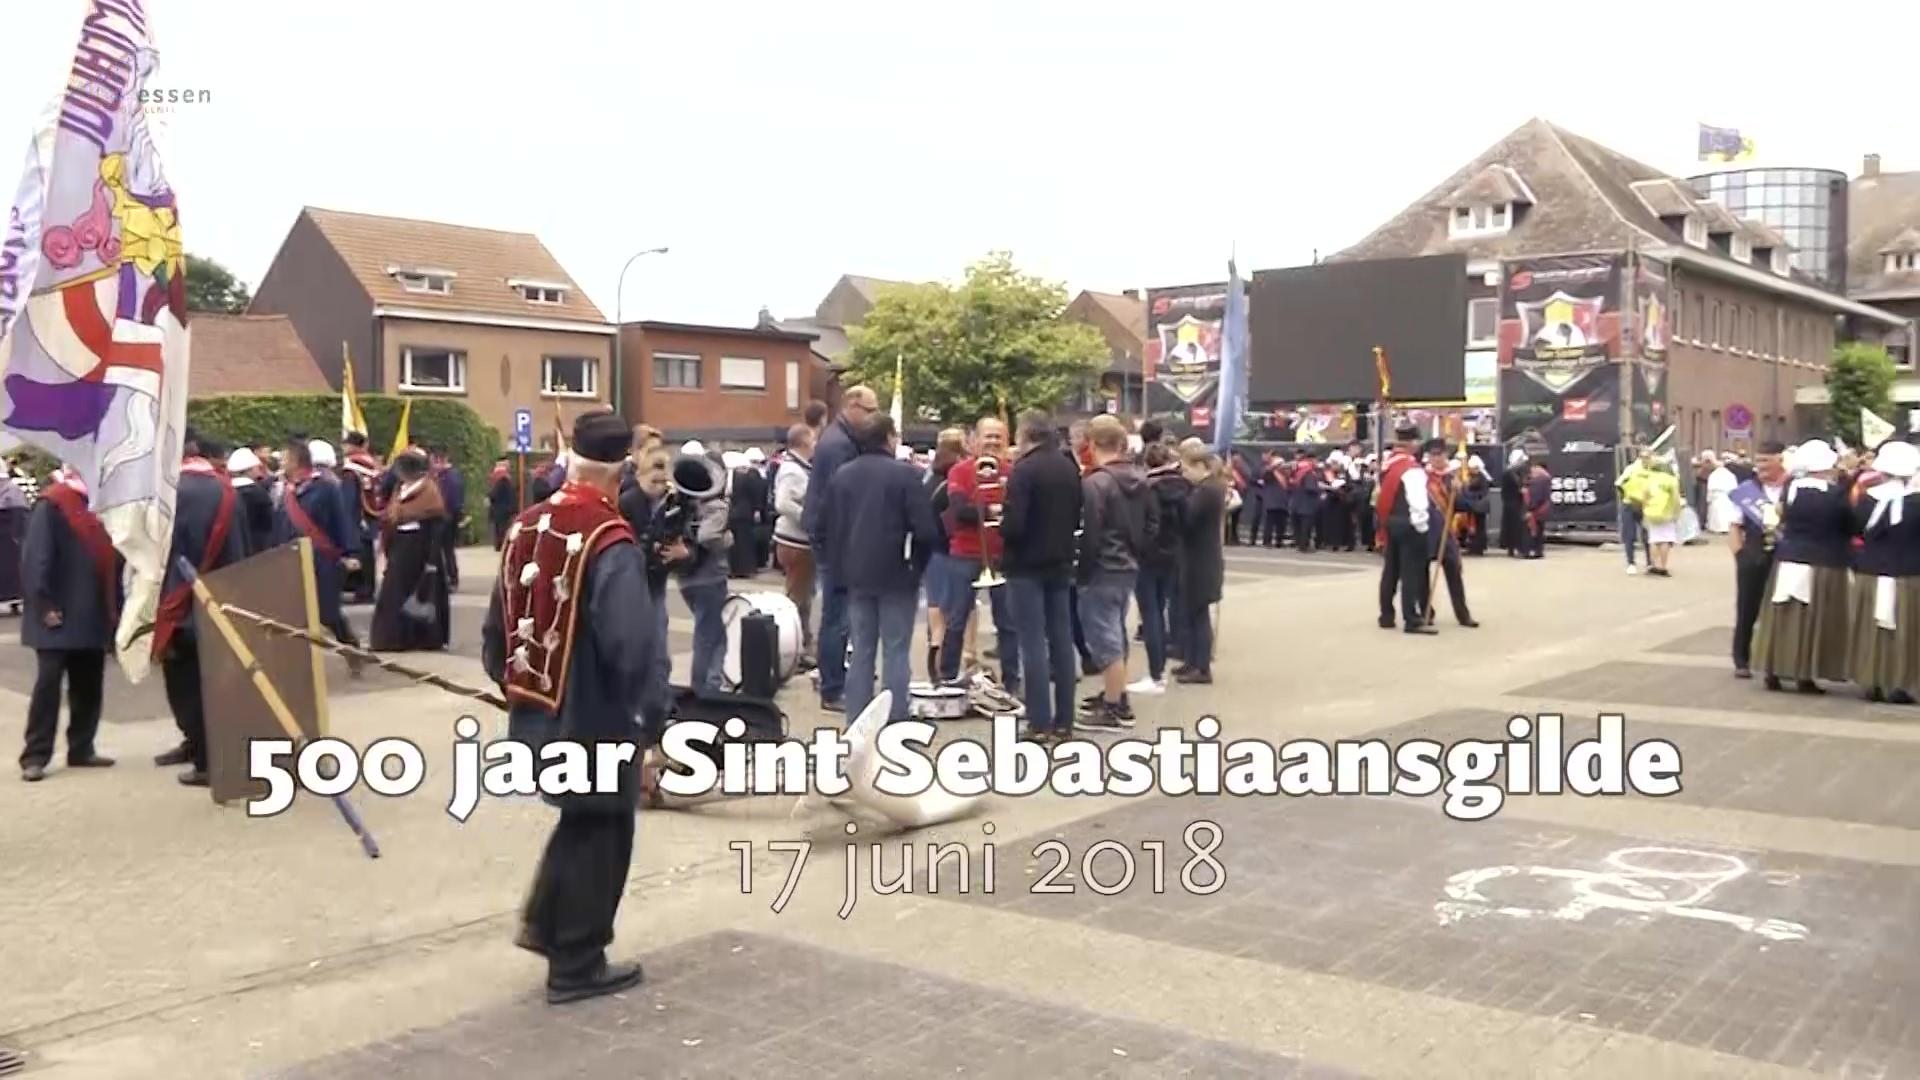 500 Jaar Sint Sebastiaans gilde 2018